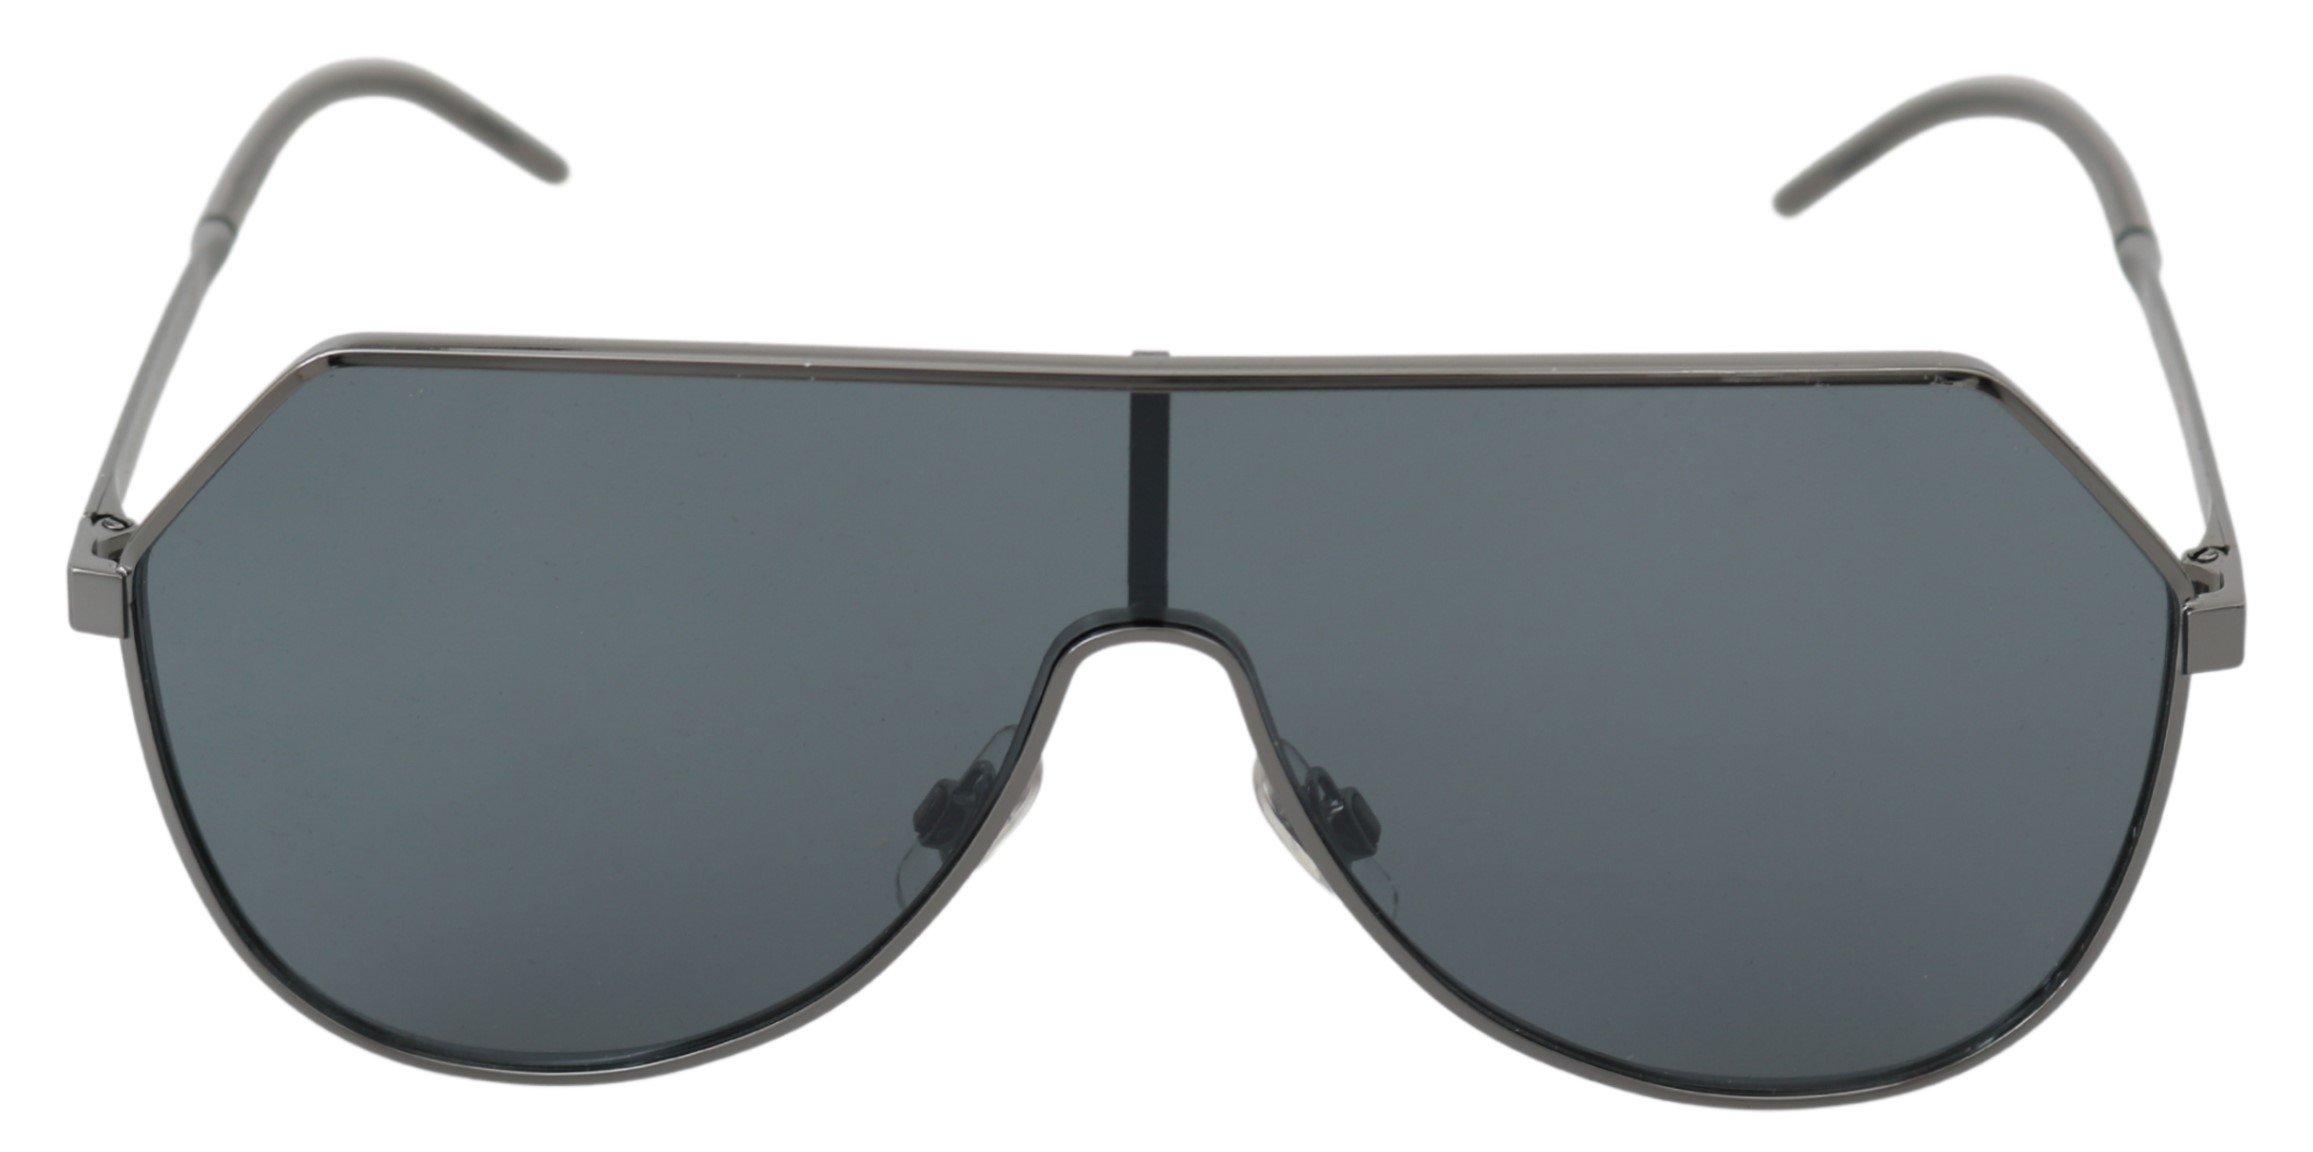 Dolce & Gabbana Women's Logo Shield Sunglasses Gray GLA770